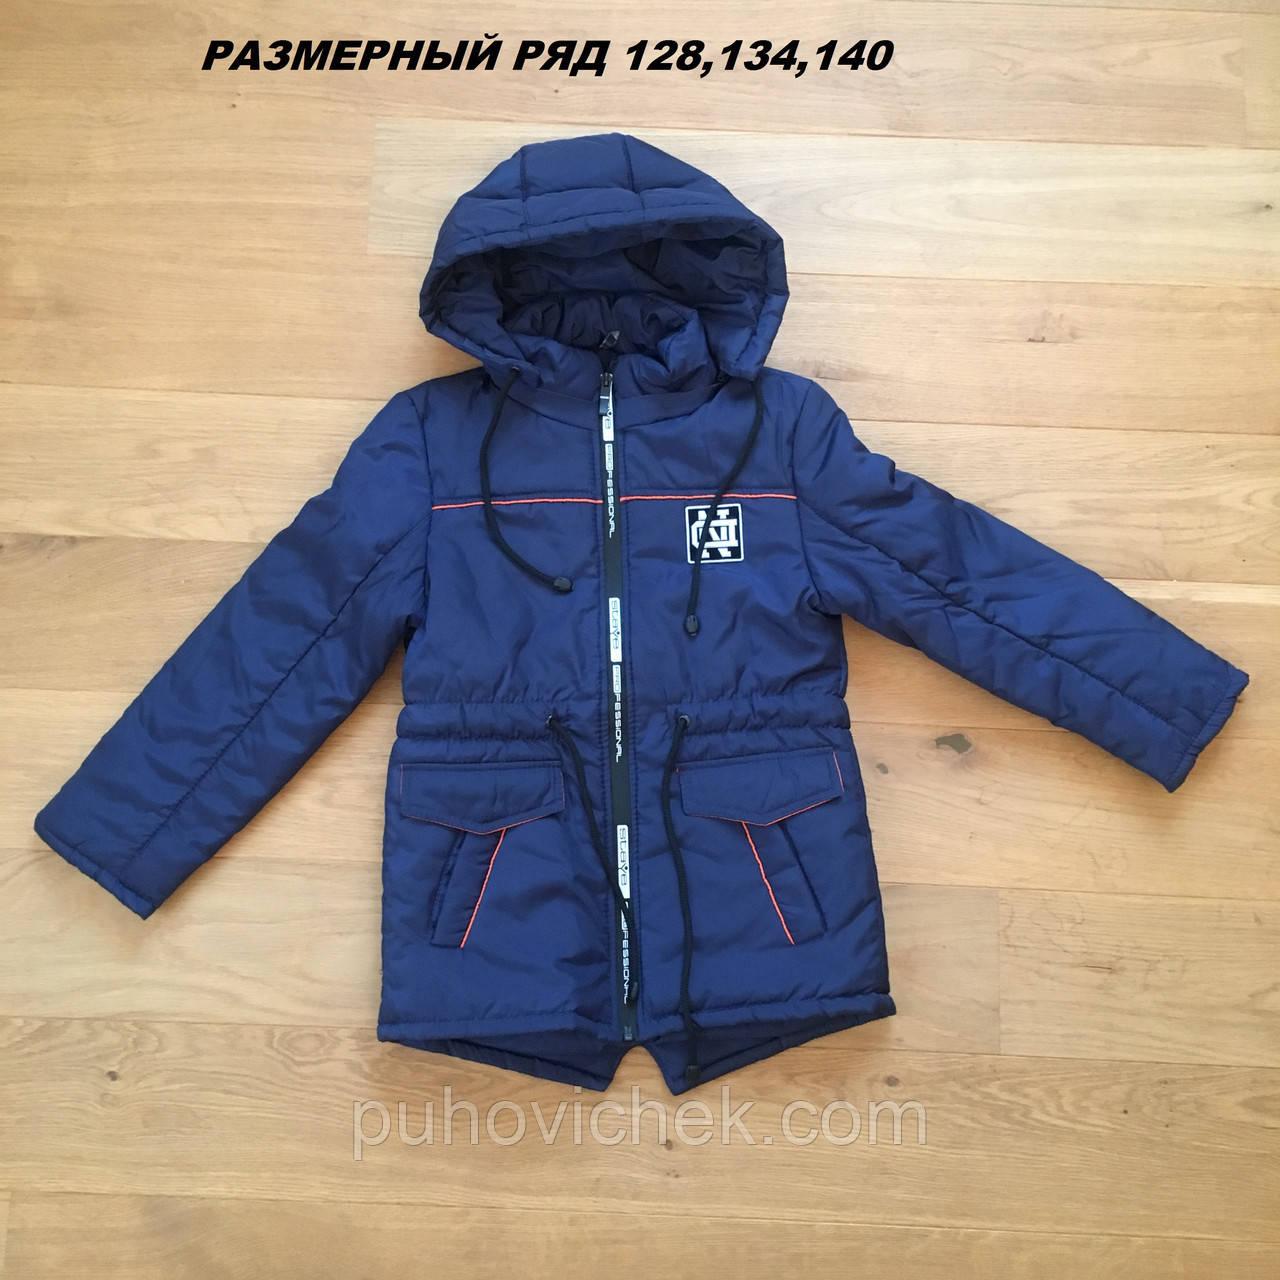 Детские куртки для мальчиков демисезонные интернет магазин